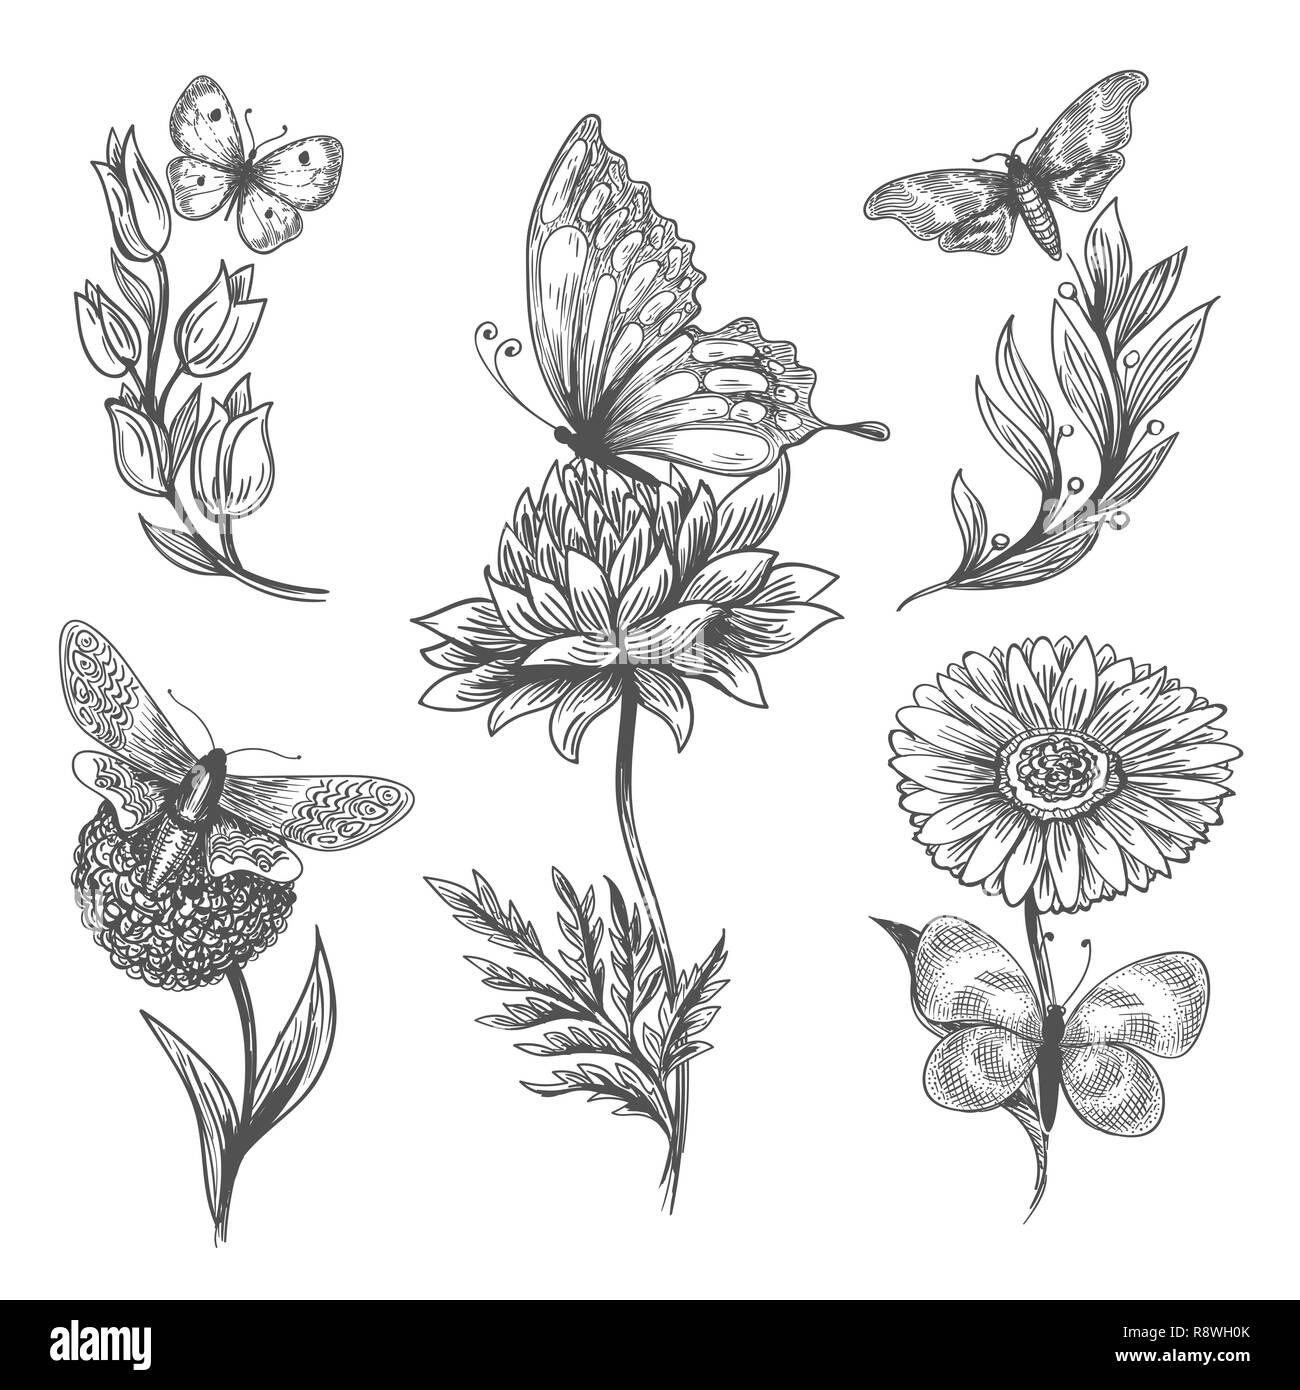 schmetterling pflanze doodle vektor skizze abbildung von